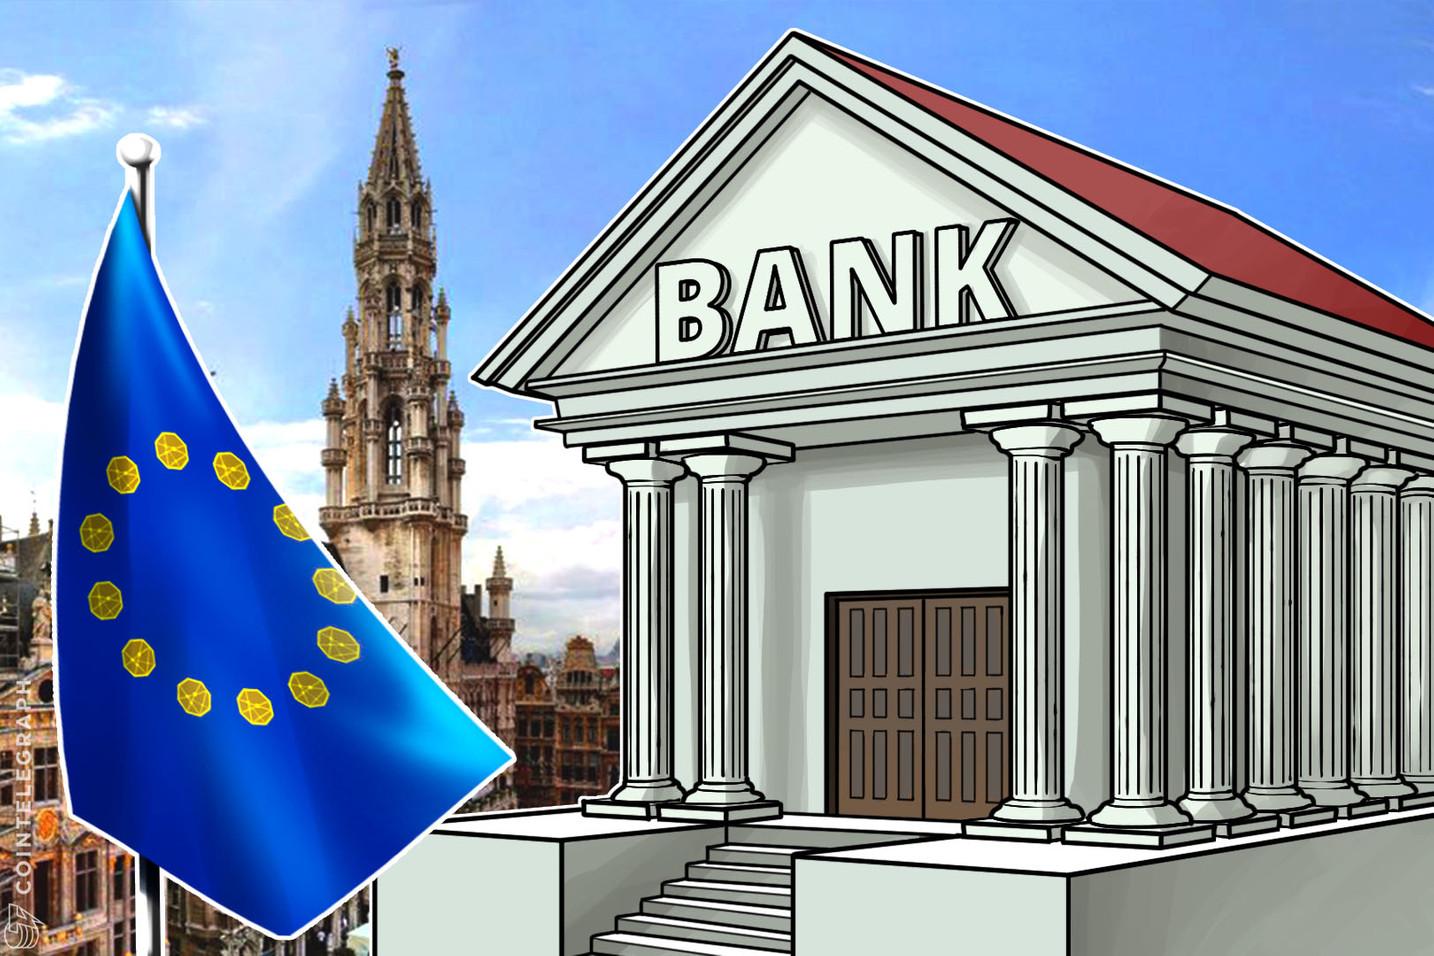 Kieler Wirtschaftsforscher: Kryptowährungen sind kein Ersatz für klassische Zentralbankwährungen